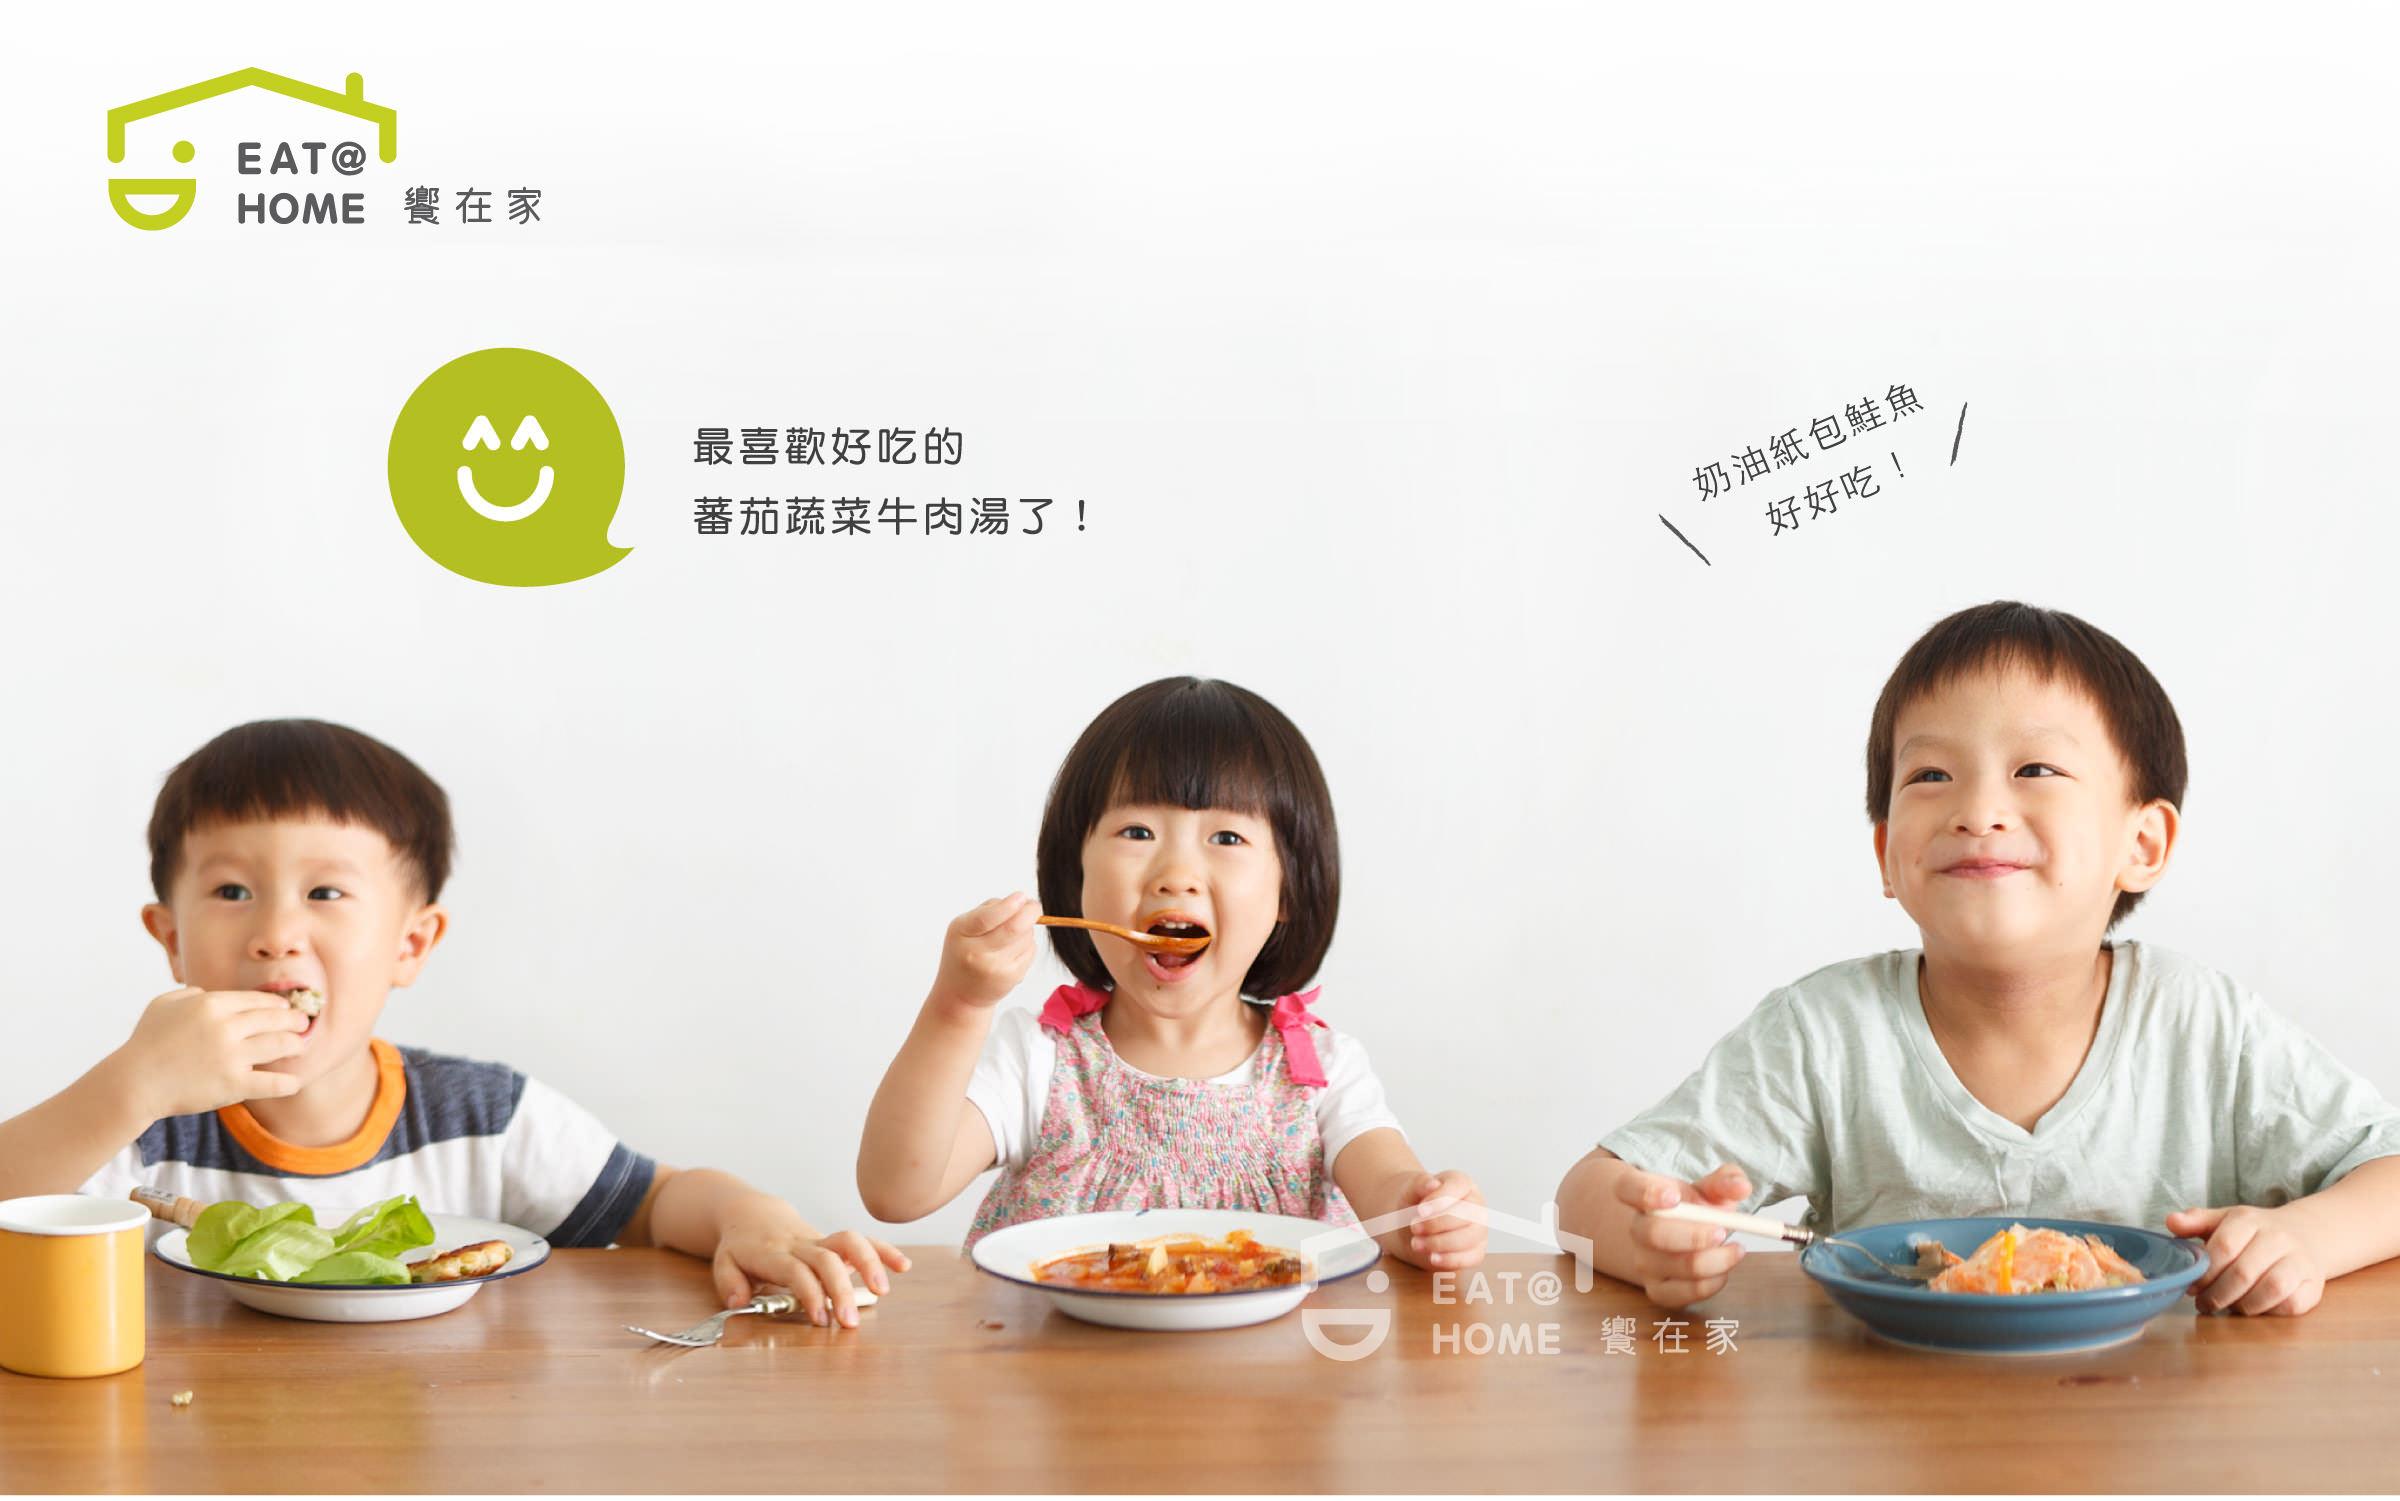 EAT_slide_20150224_2-1.jpg